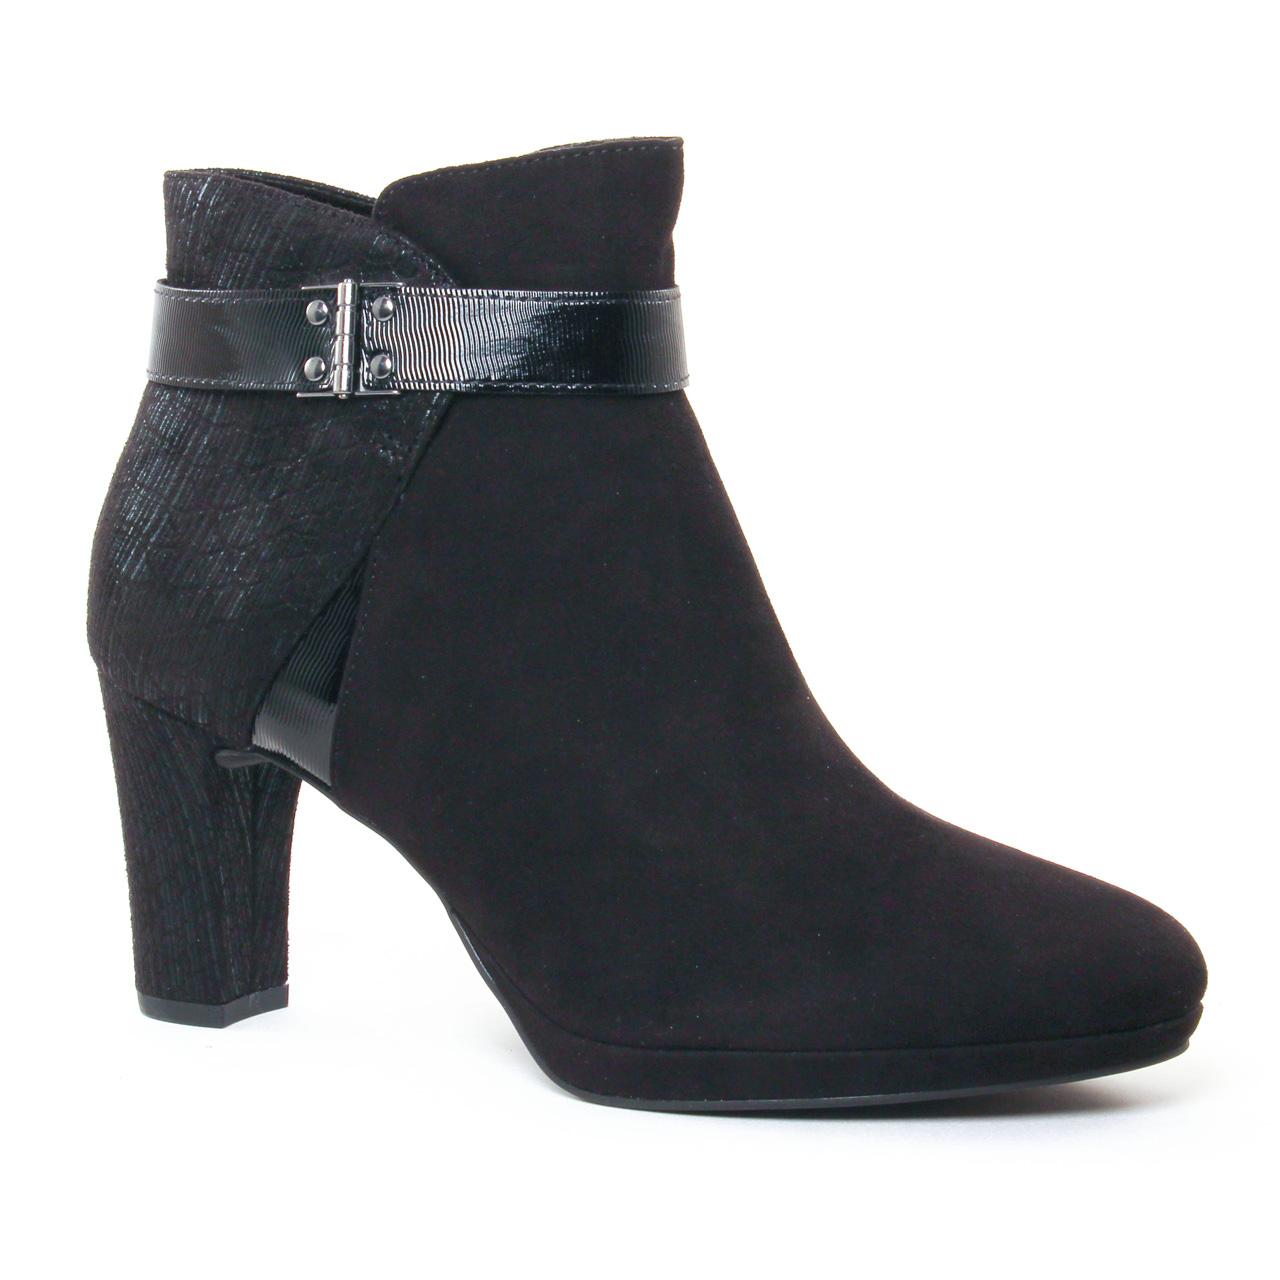 tamaris 25370 black | boot talon noir automne hiver 2017 chez